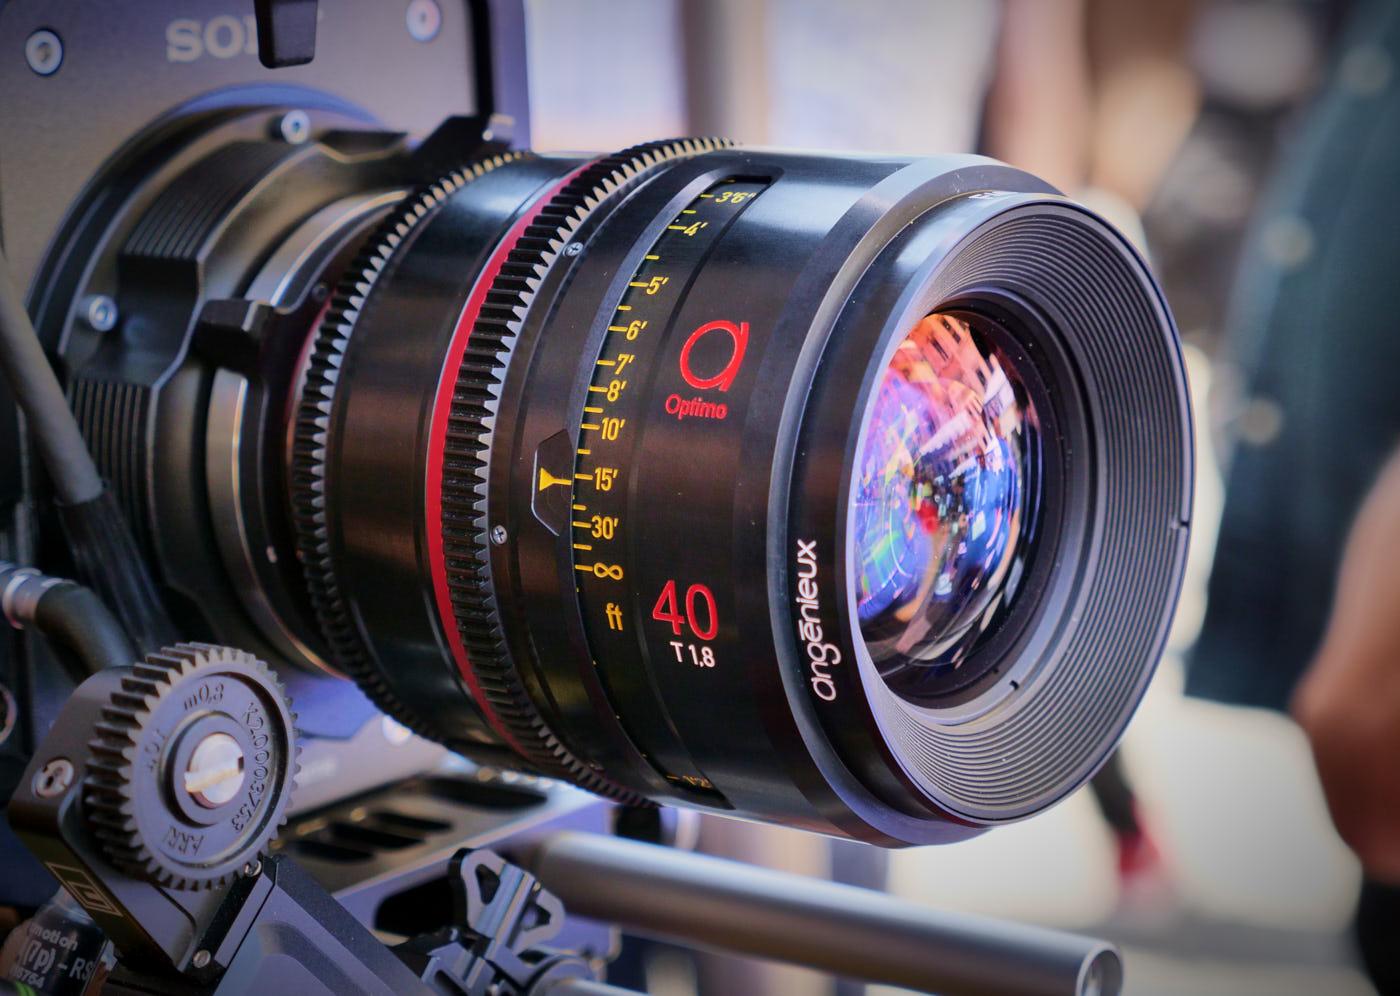 Angénieux Optimo 40mm T1.8 prime